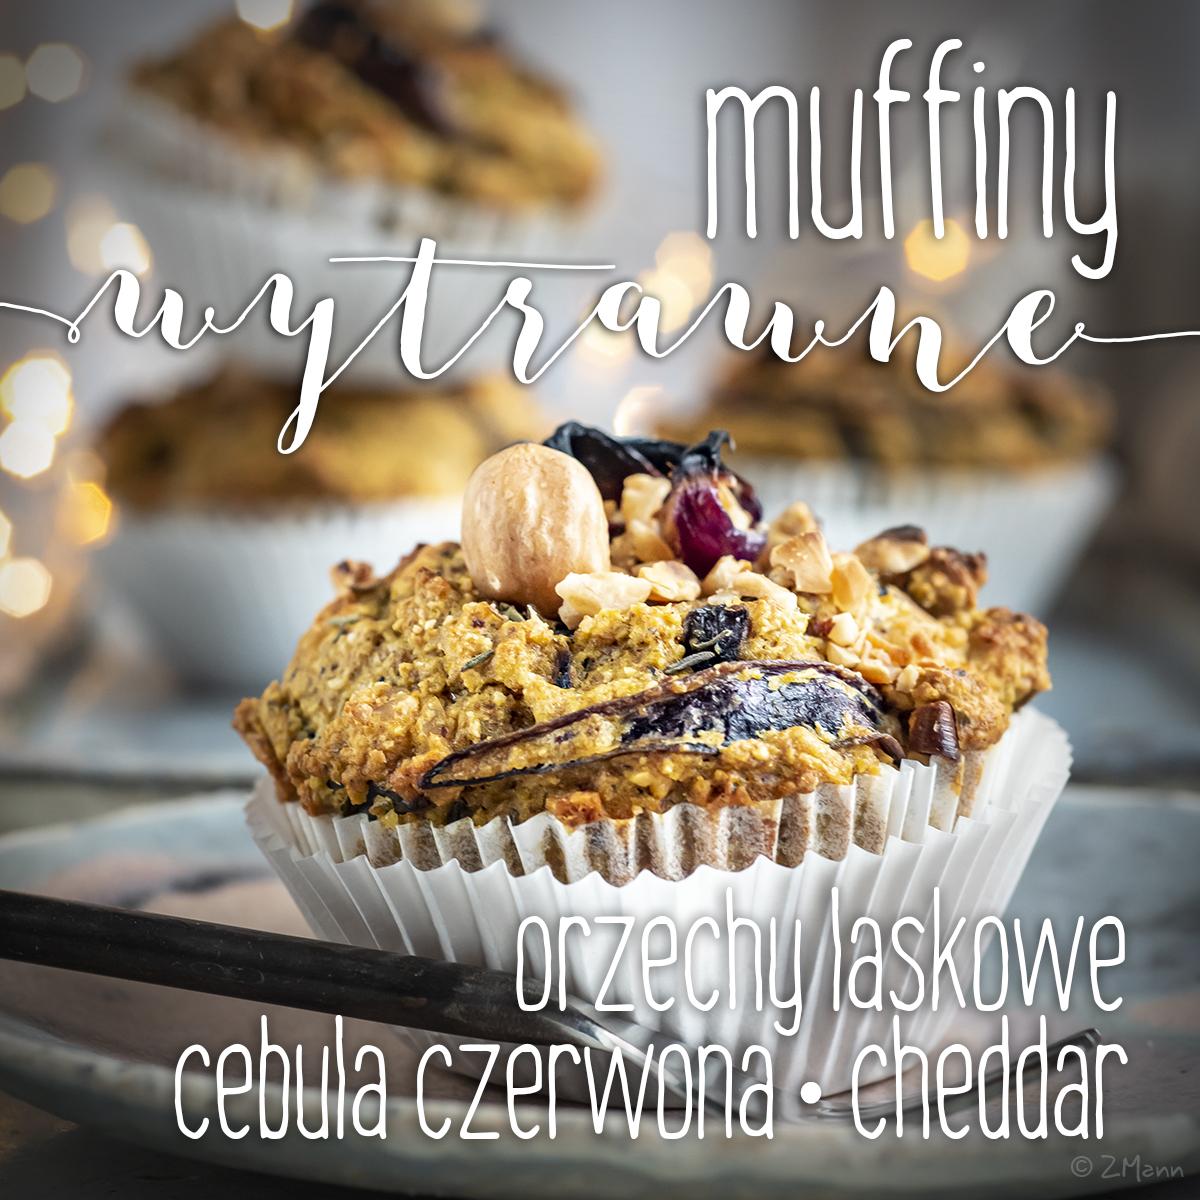 muffiny wytrawne : orzechy laskowe . cebula czerwona . cheddar